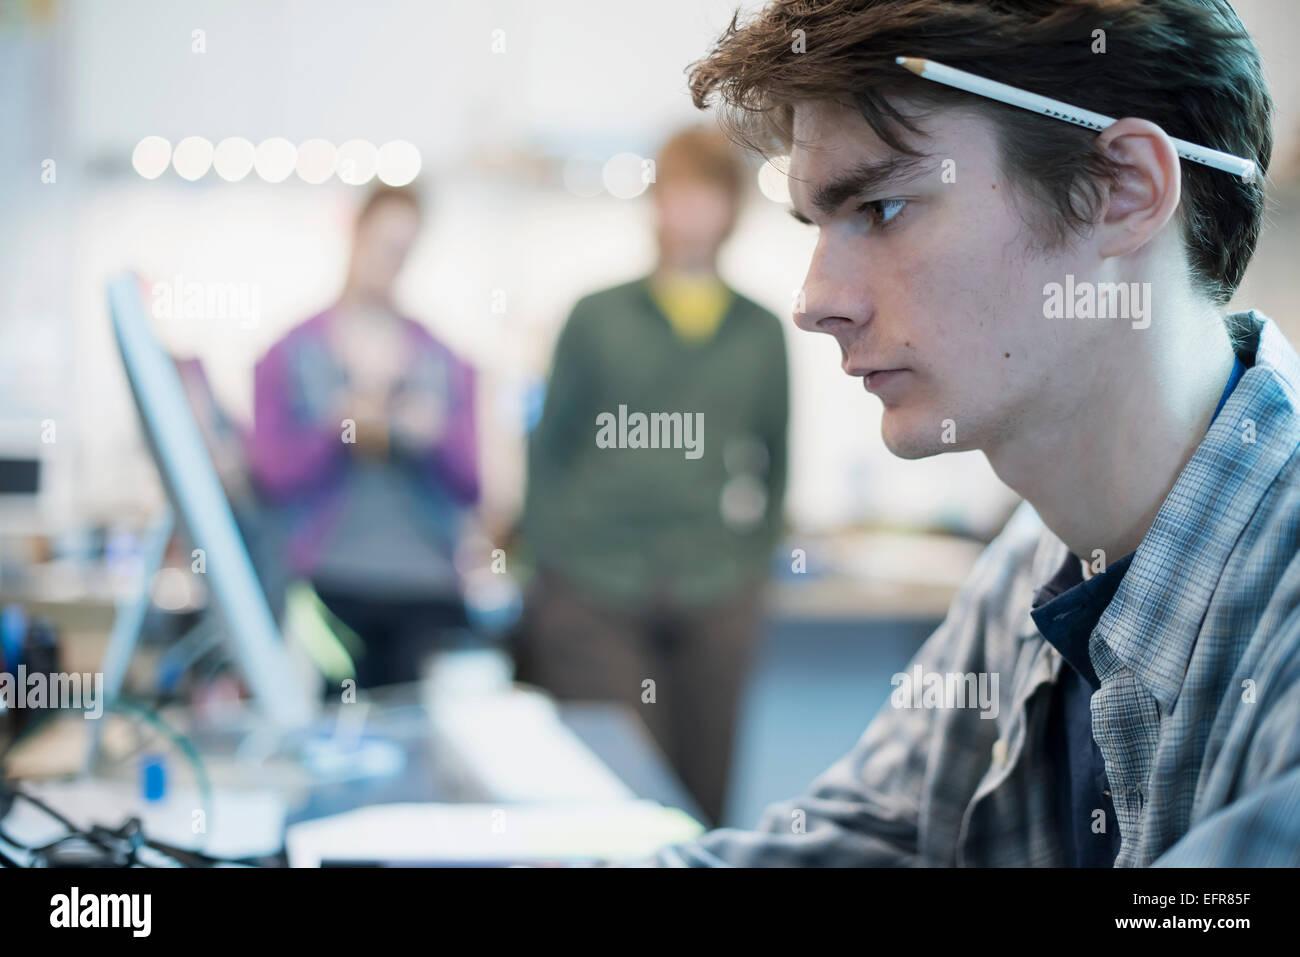 Un giovane uomo seduto a un computer in un negozio di riparazione. Due persone in background. Immagini Stock